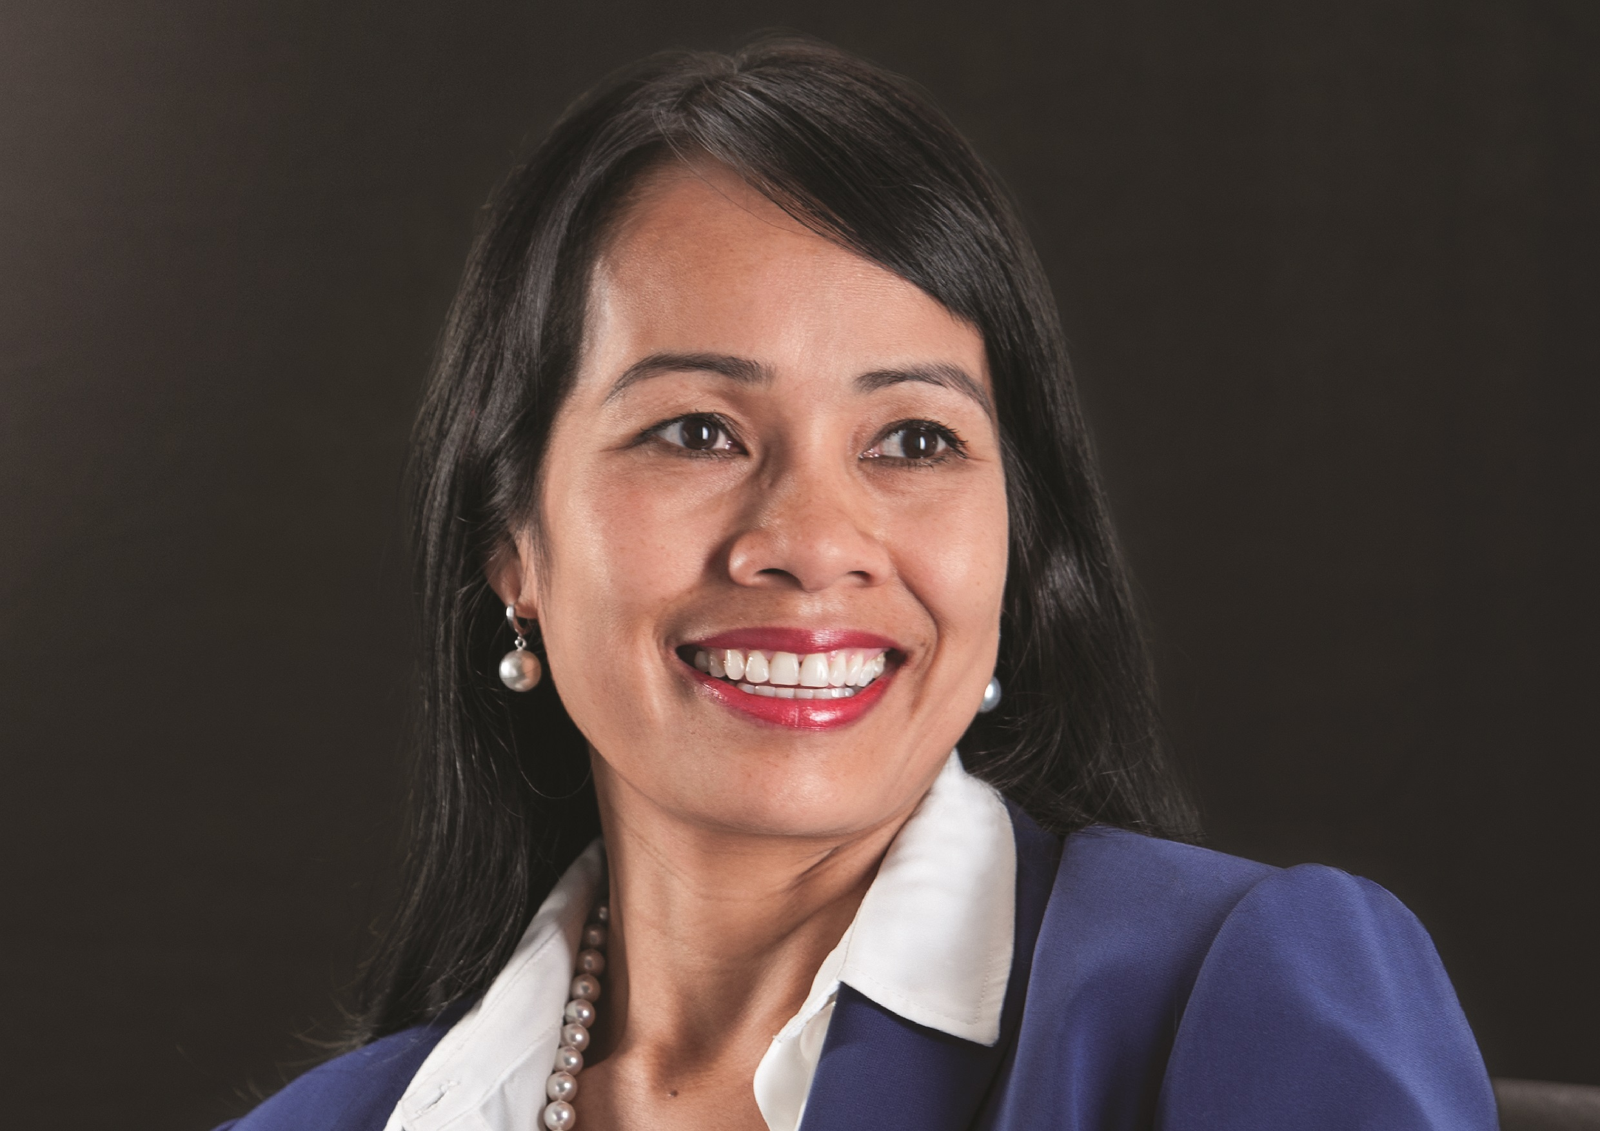 Chantana Ward, Gestore del fondo Comgest Growth Asia di Comgest